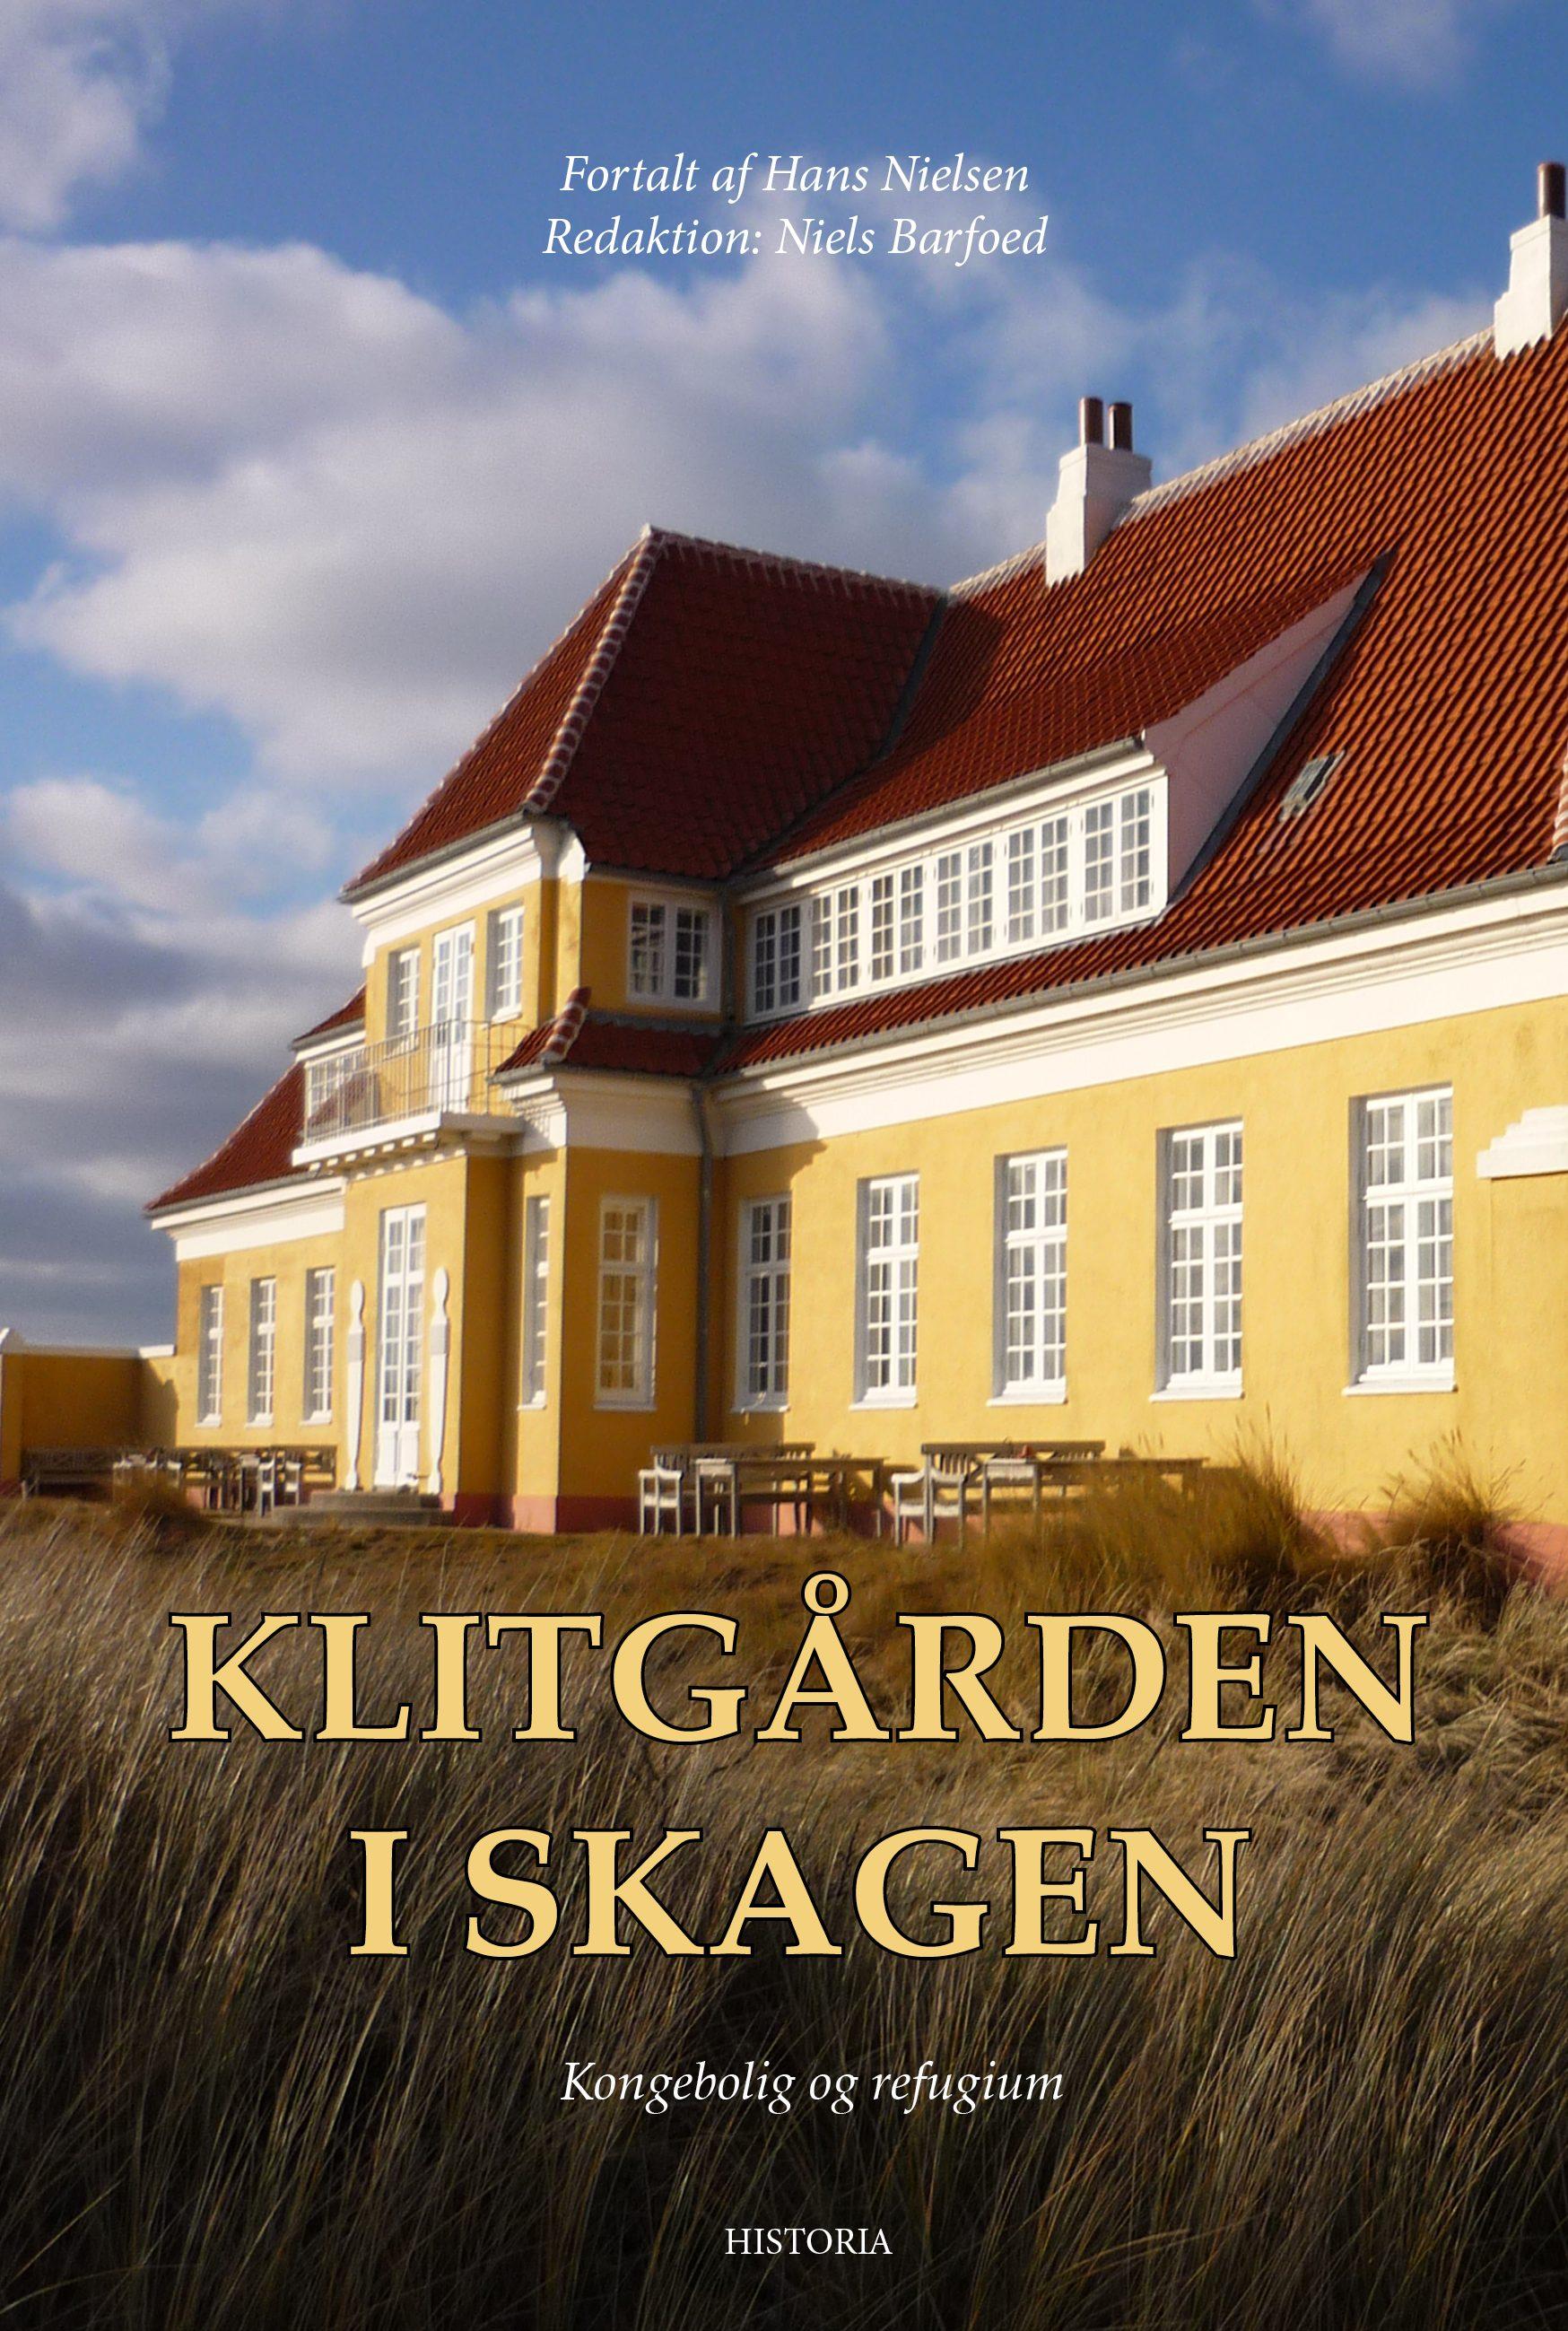 Klitgården i Skagen